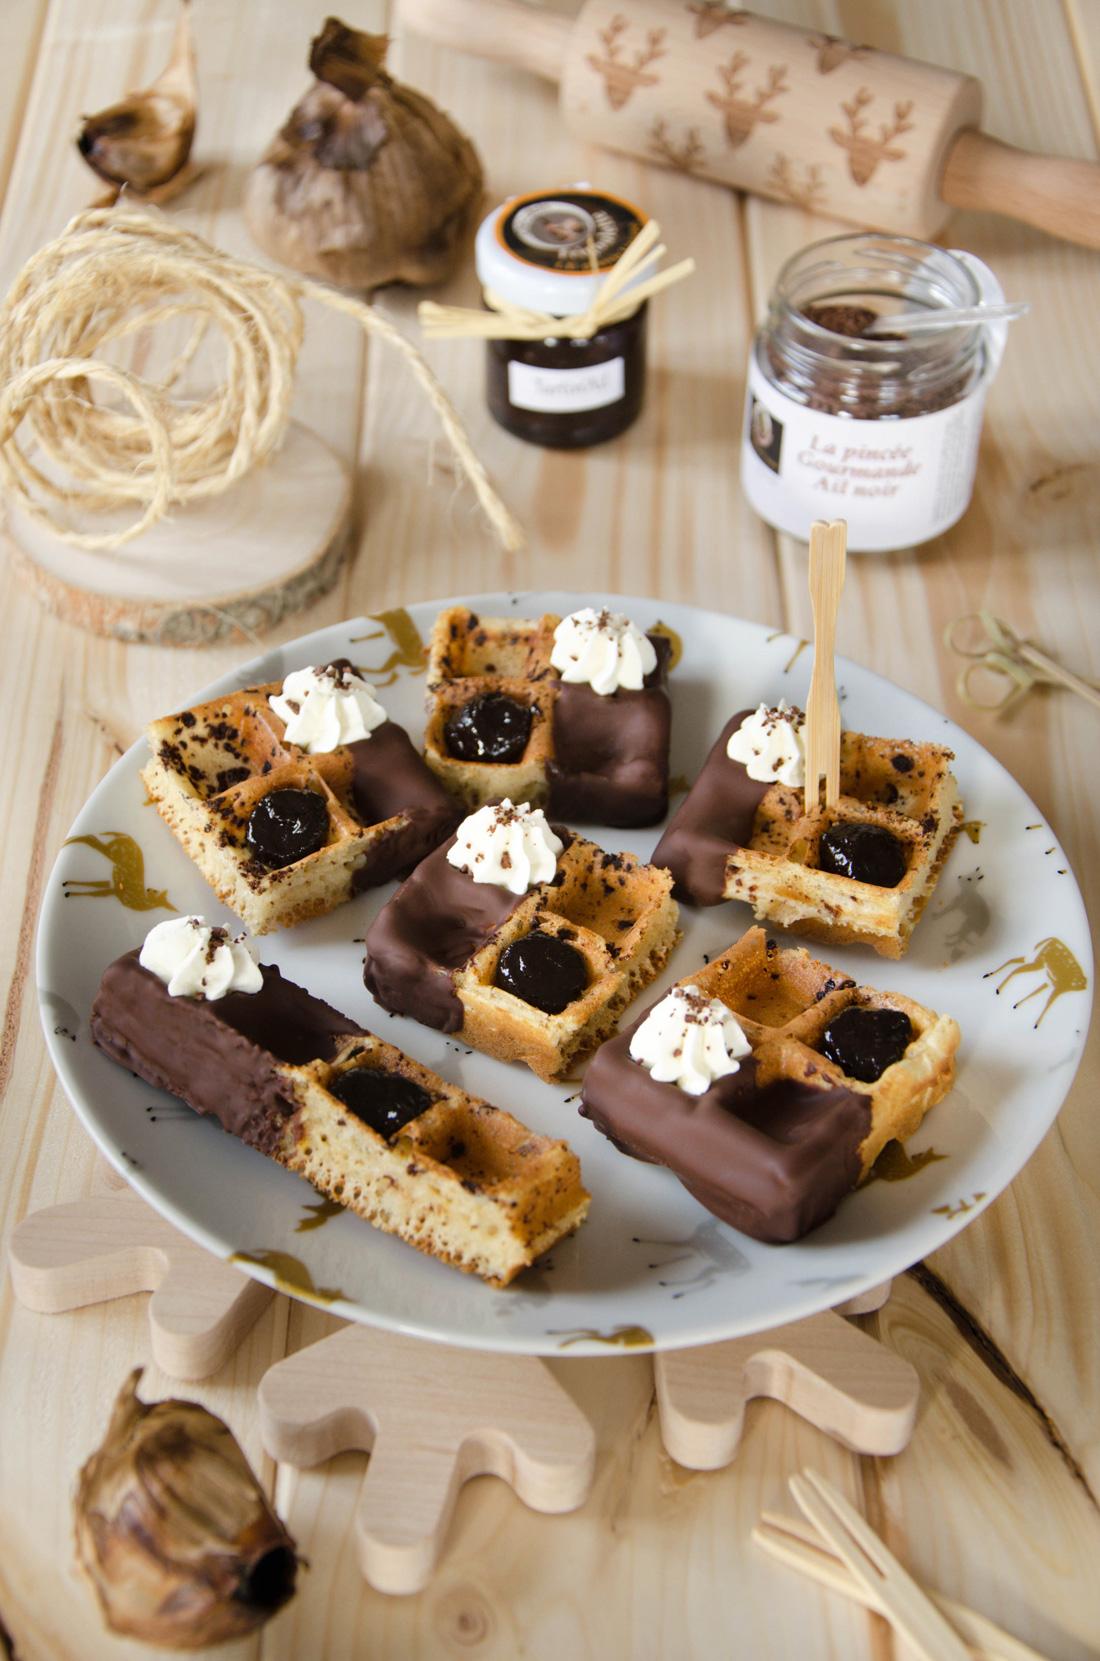 Recette de gaufre chocolat ail noir